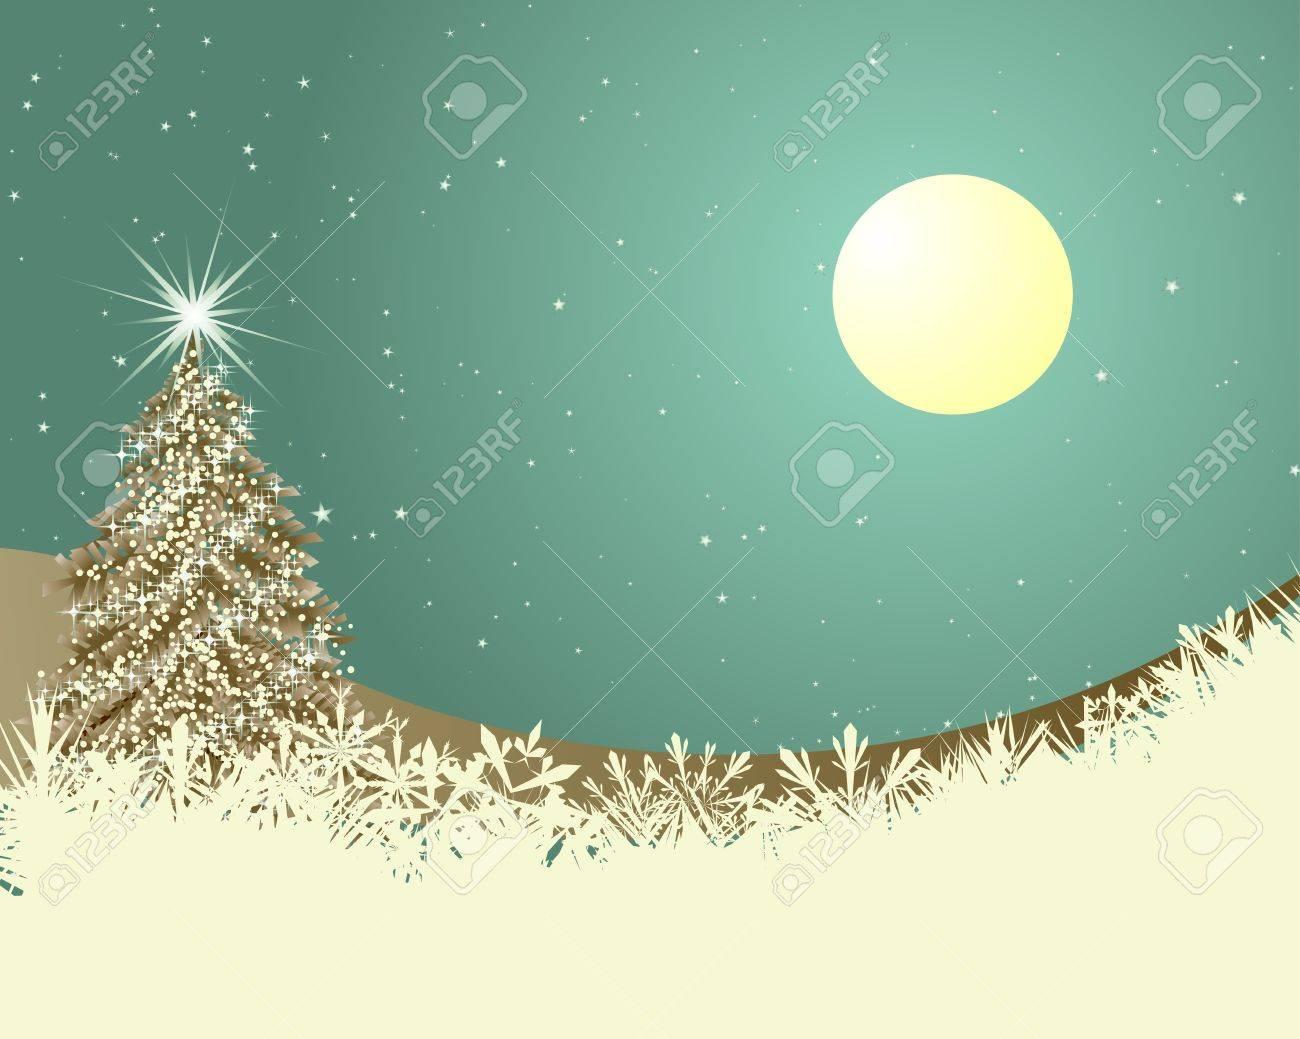 Schöne Weihnachten Bilder.Stock Photo